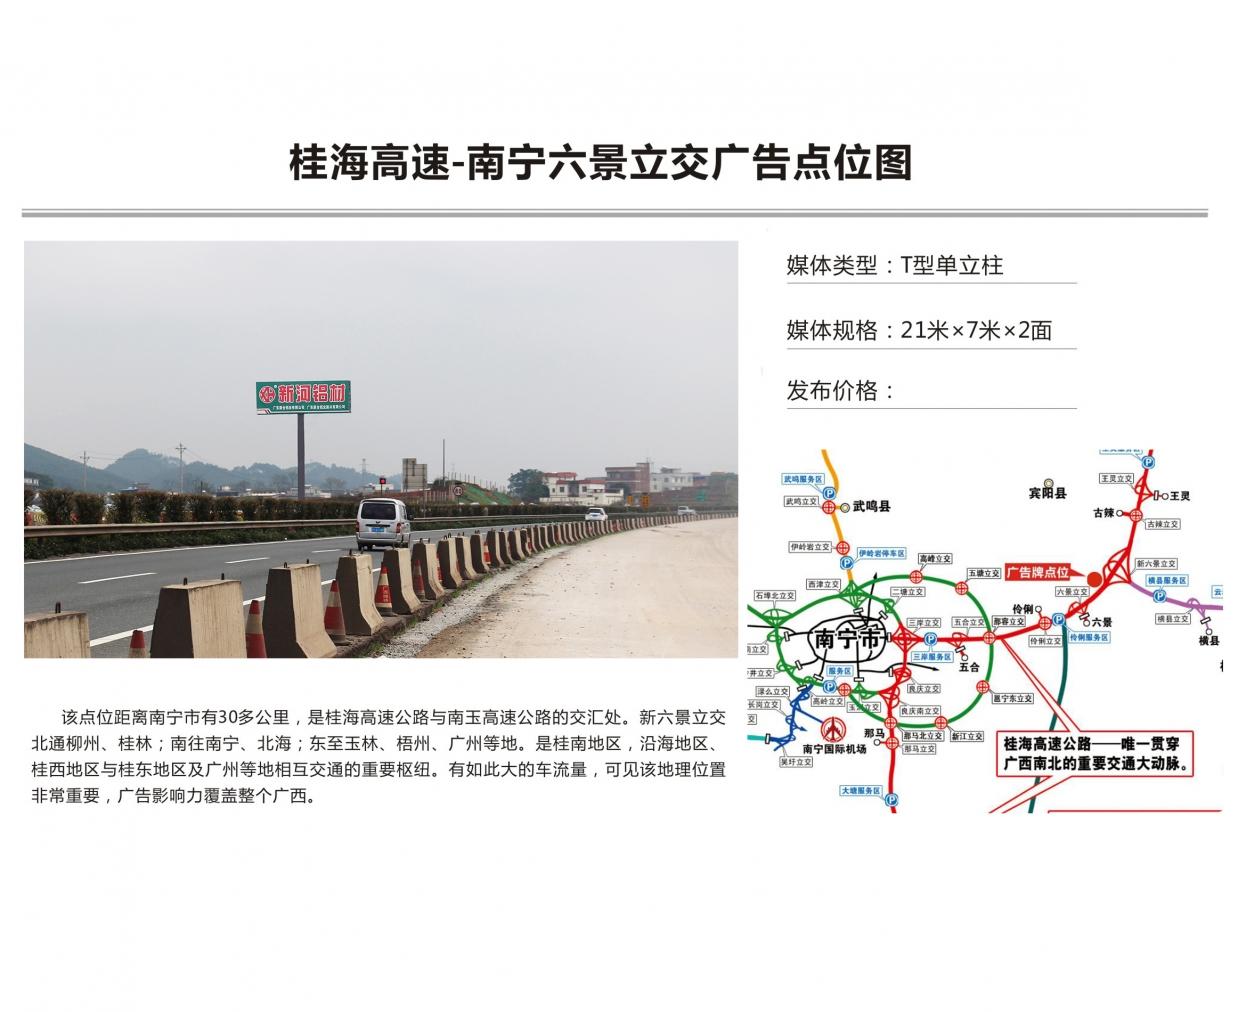 桂海高速-南宁六景立交旁广告点位图